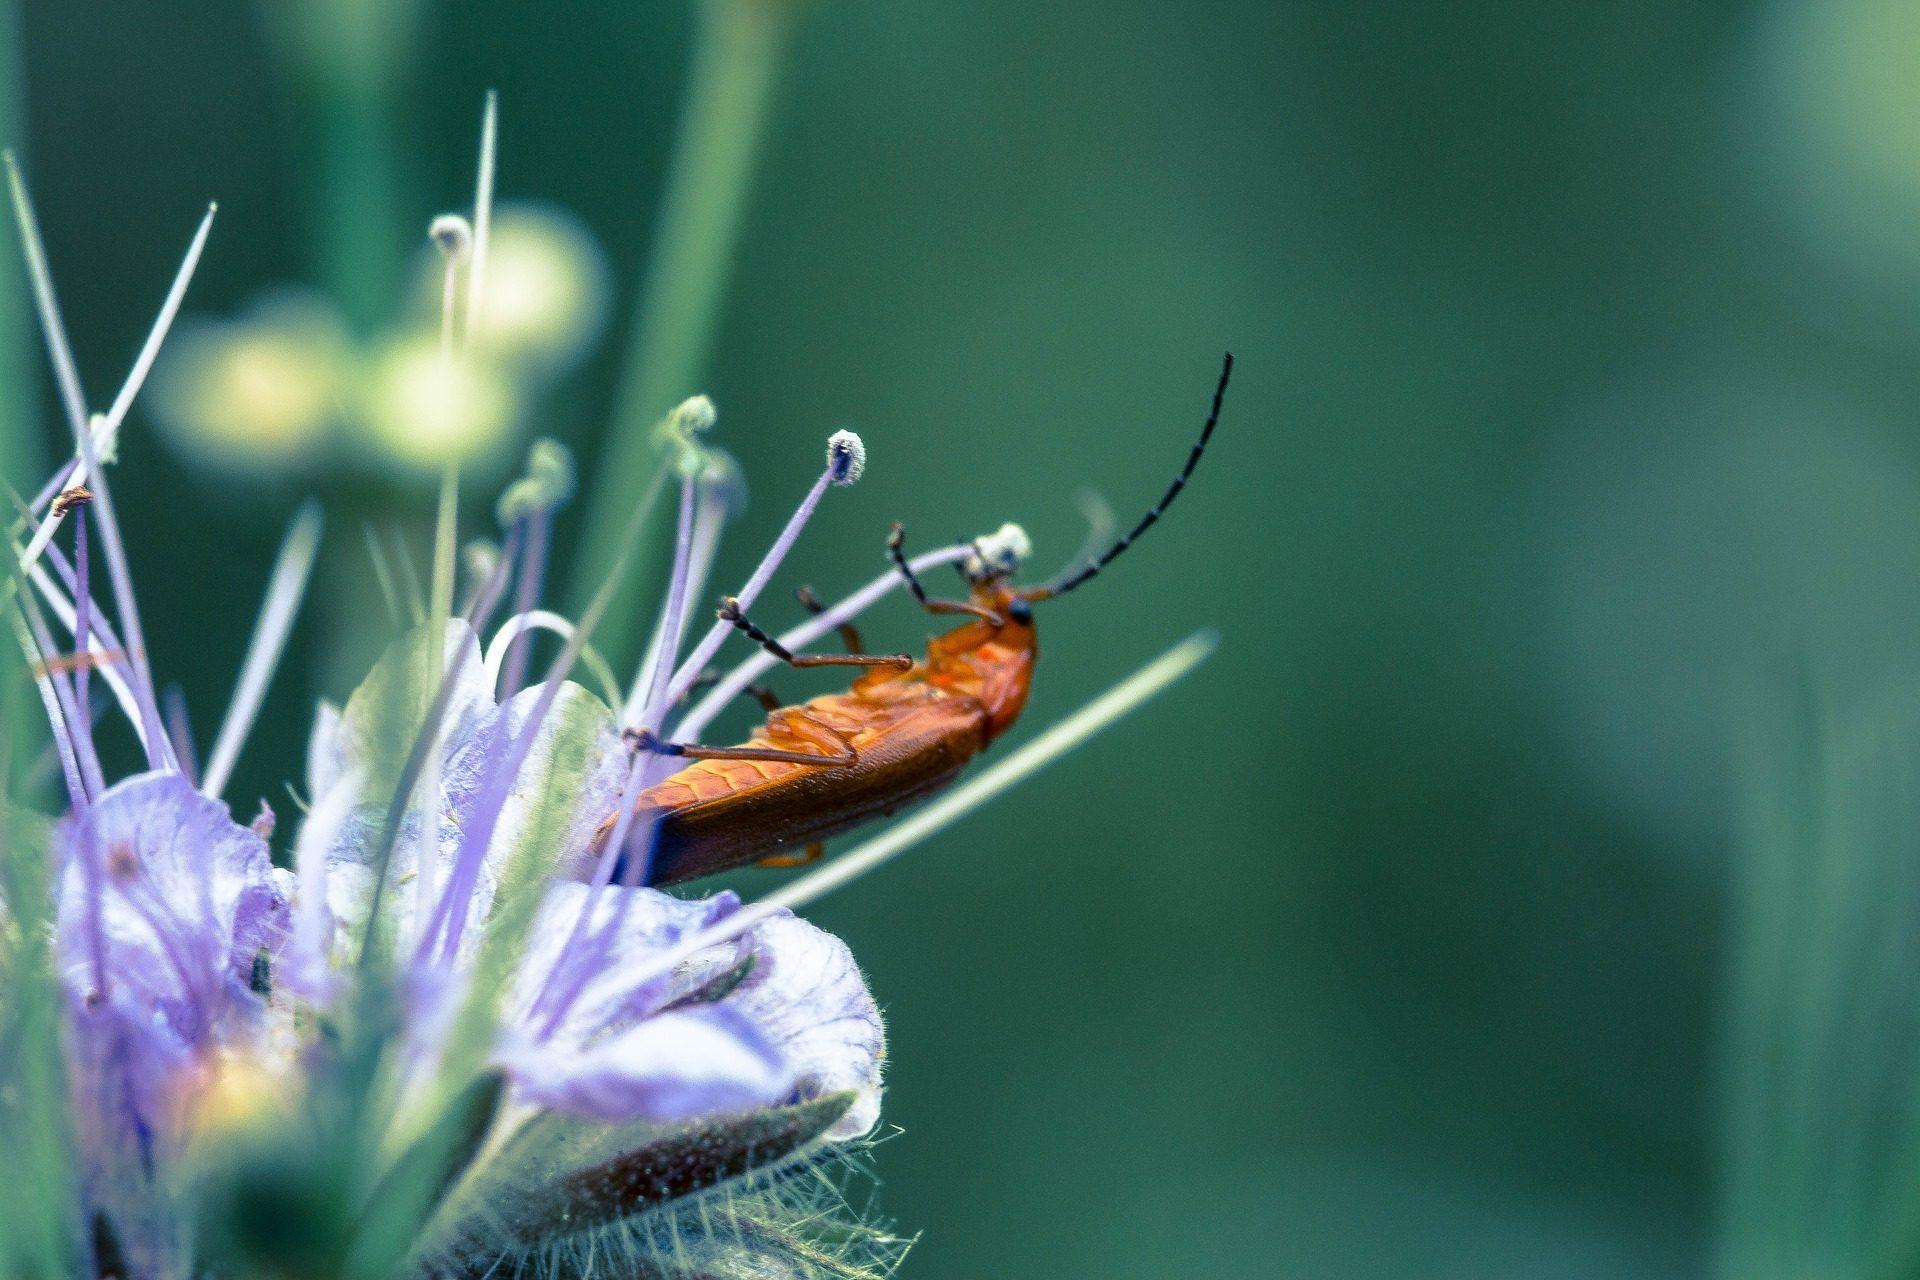 カブトムシ, 昆虫, バグ, 花, 雄しべ, に関しては - HD の壁紙 - 教授-falken.com